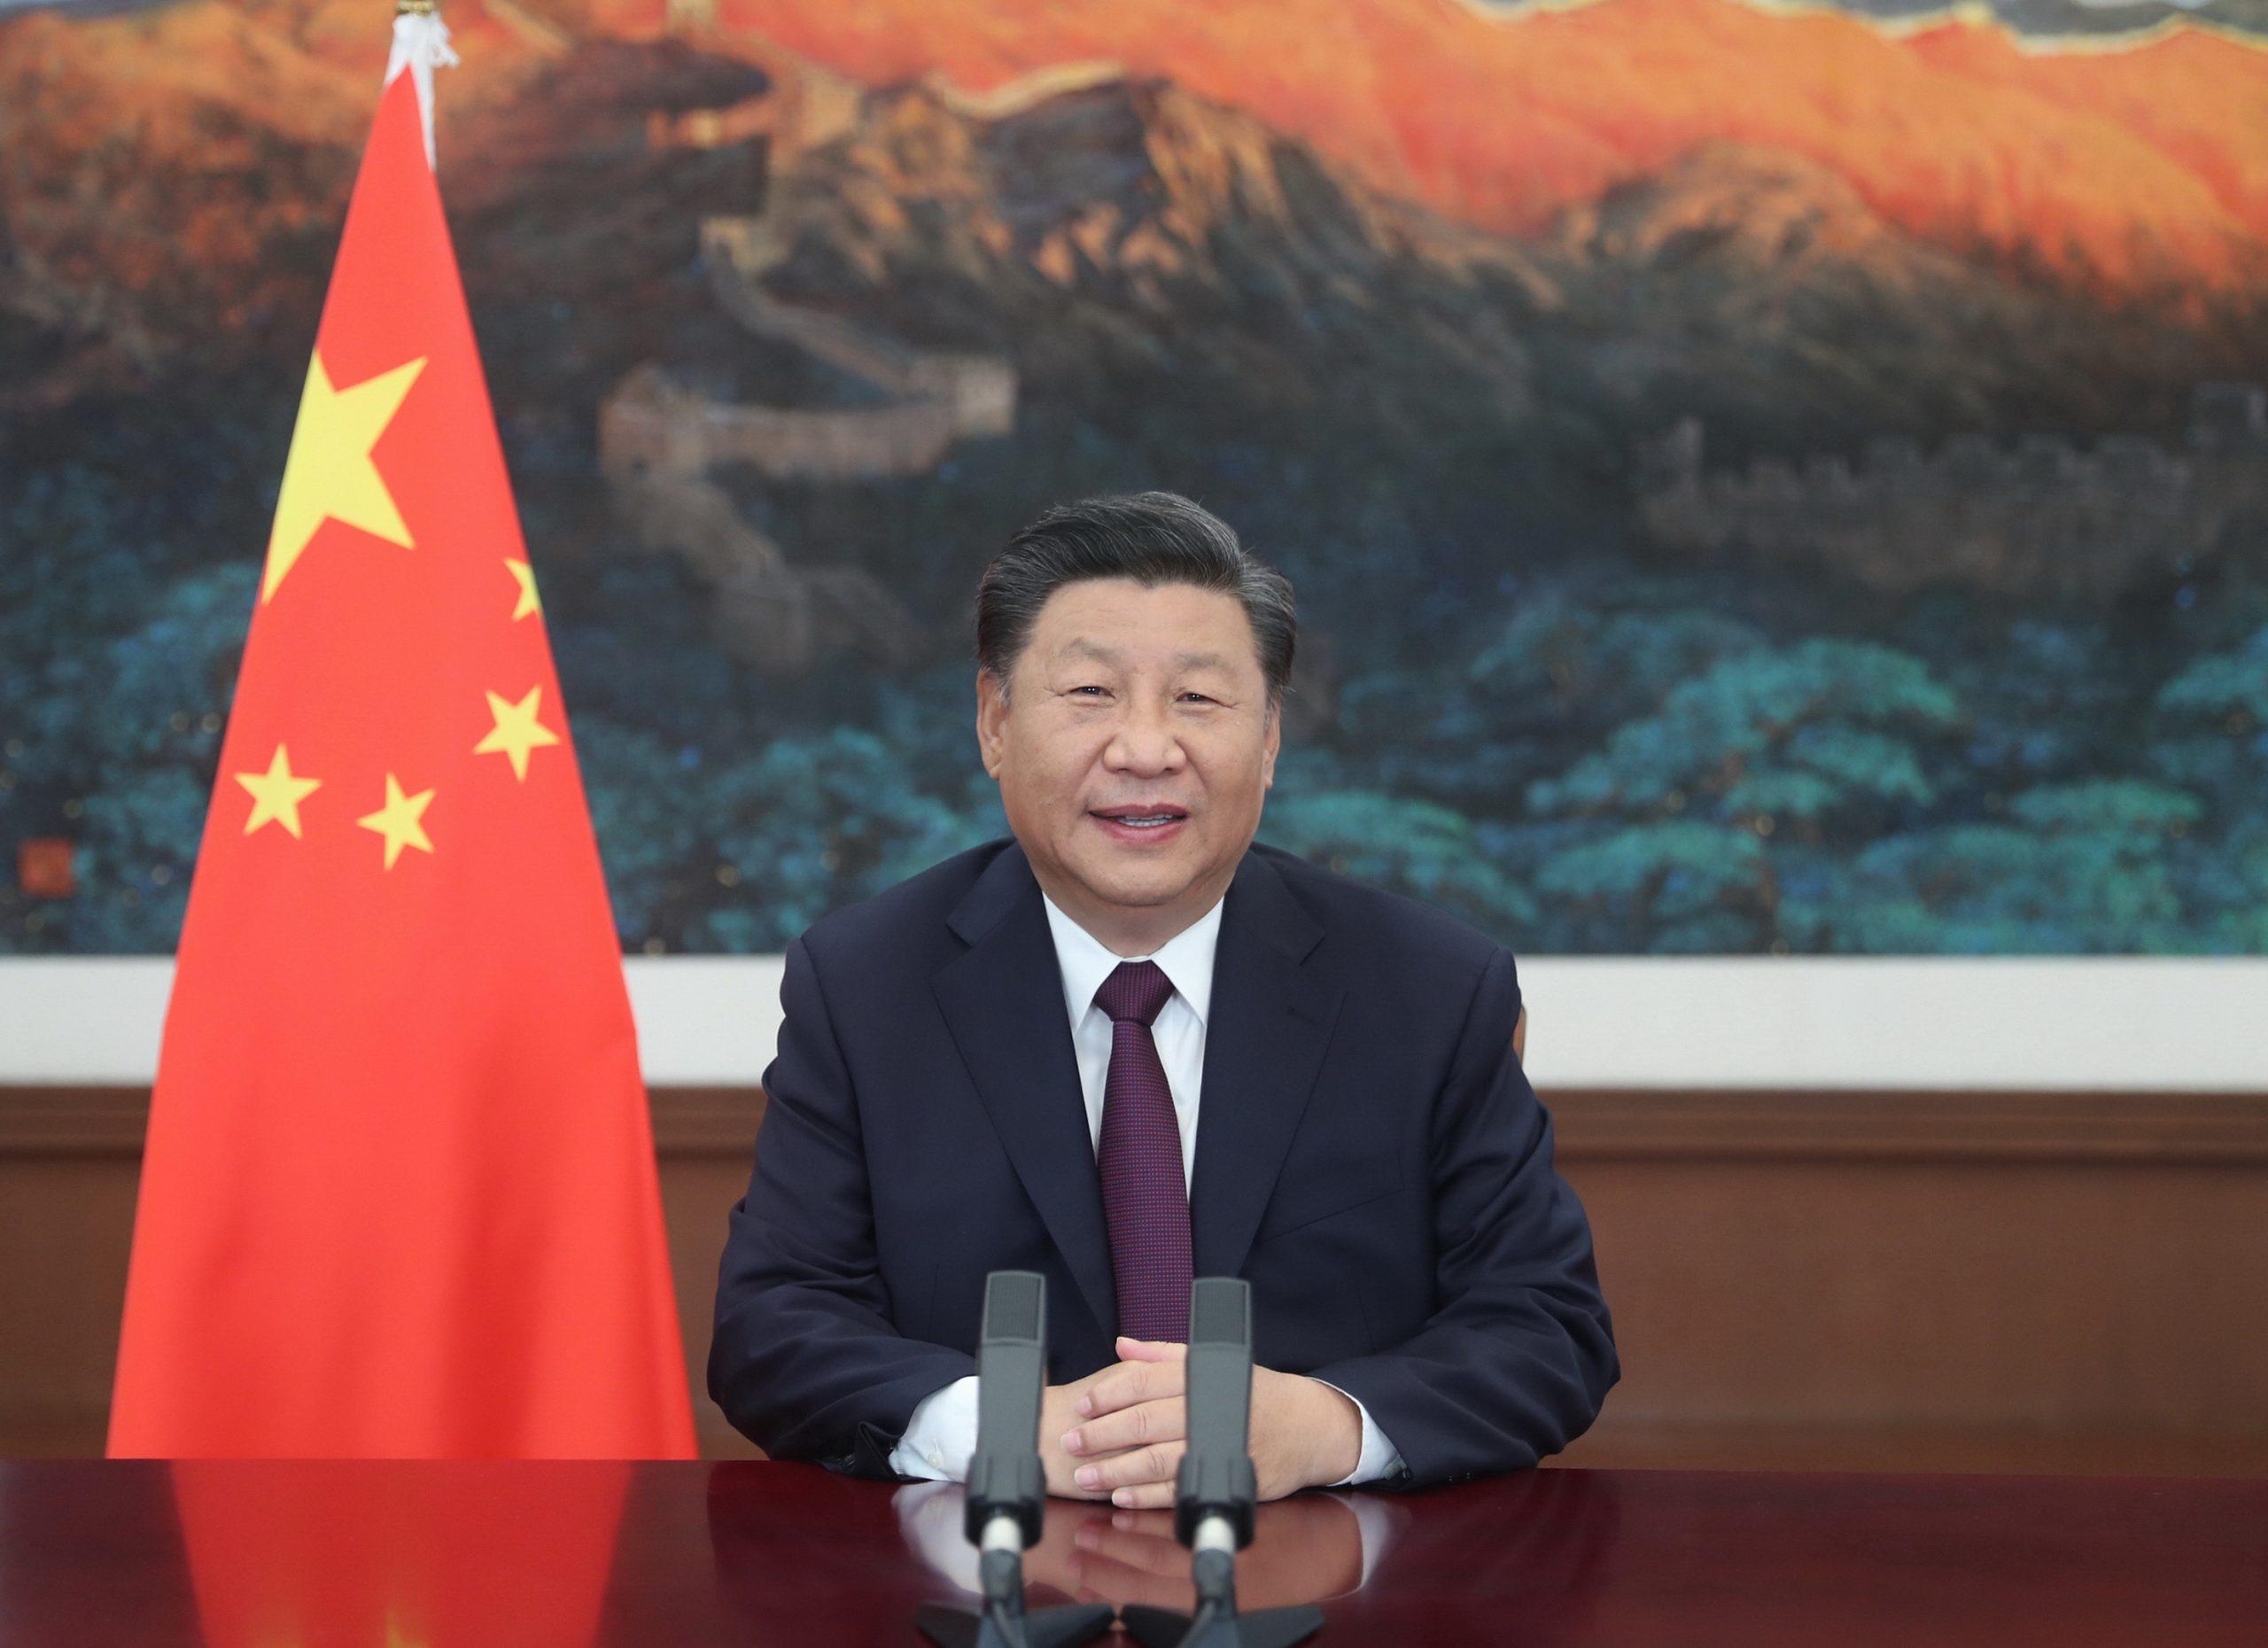 Publican dos discursos de Xi en reuniones de APEC